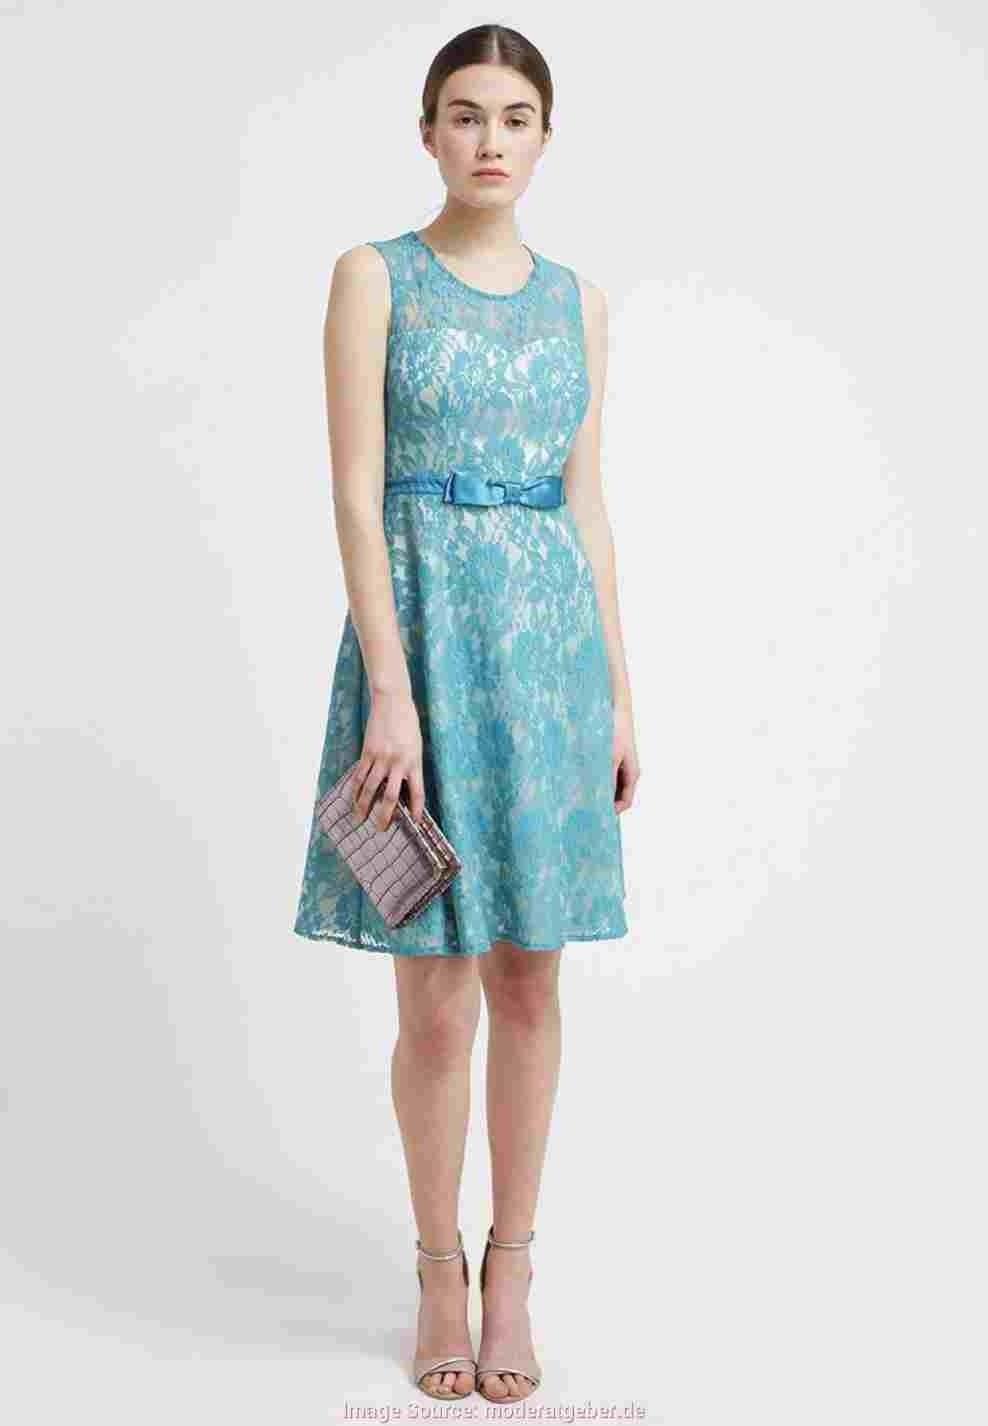 13 Leicht Festliches Kleid Türkis für 2019Formal Schön Festliches Kleid Türkis Vertrieb